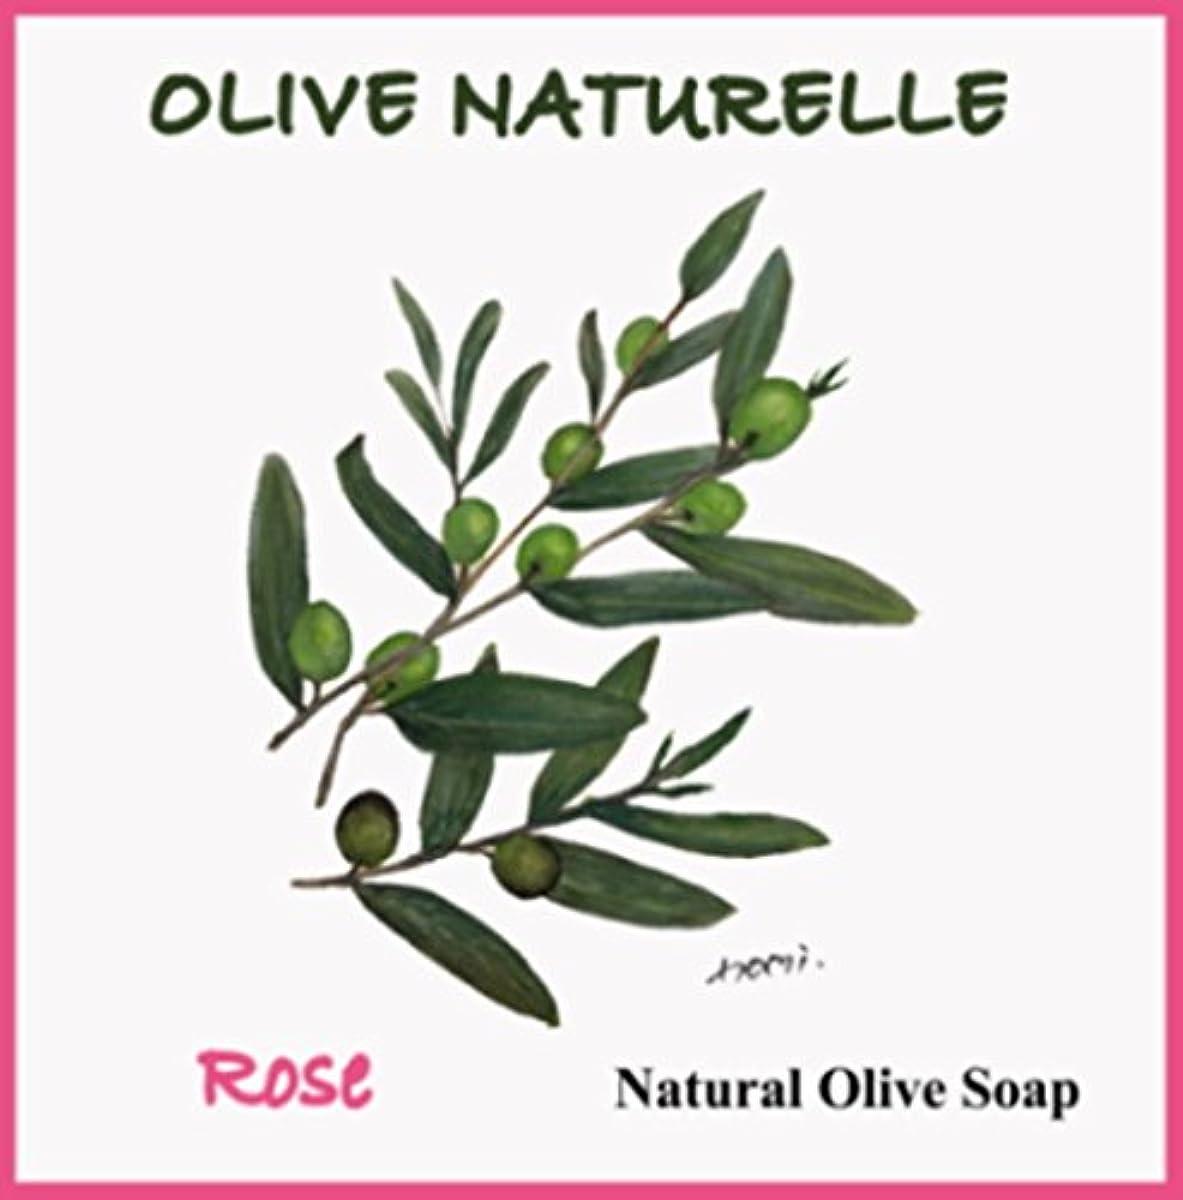 キャビン見込みユーモラスOlive Naturelle Rose Soap Bar